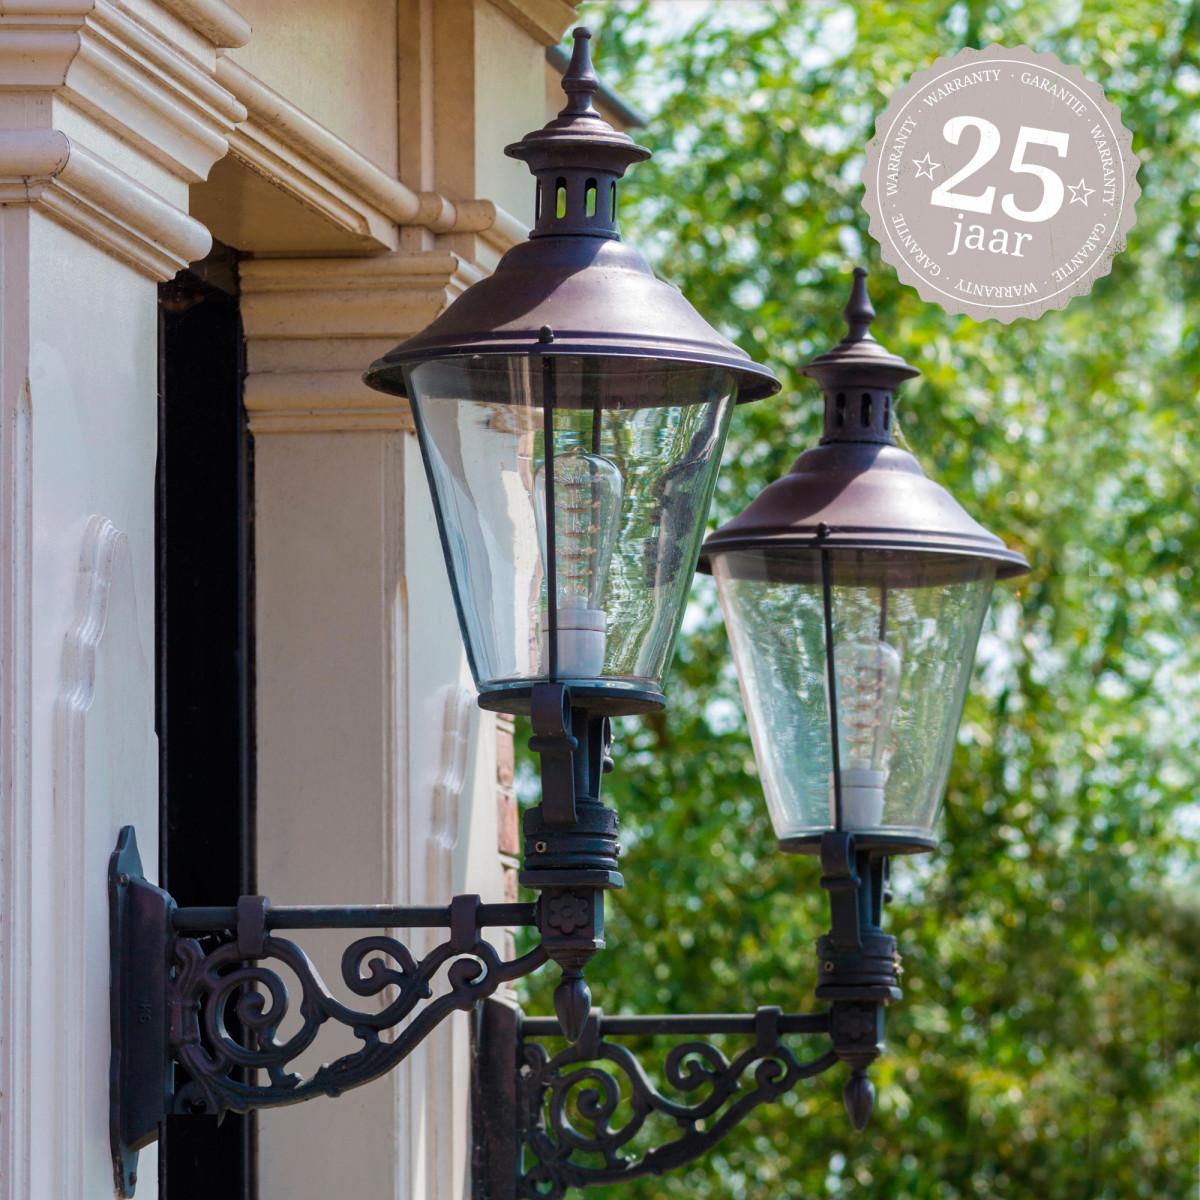 Scheveningen buitenlamp lantaarn voordeur